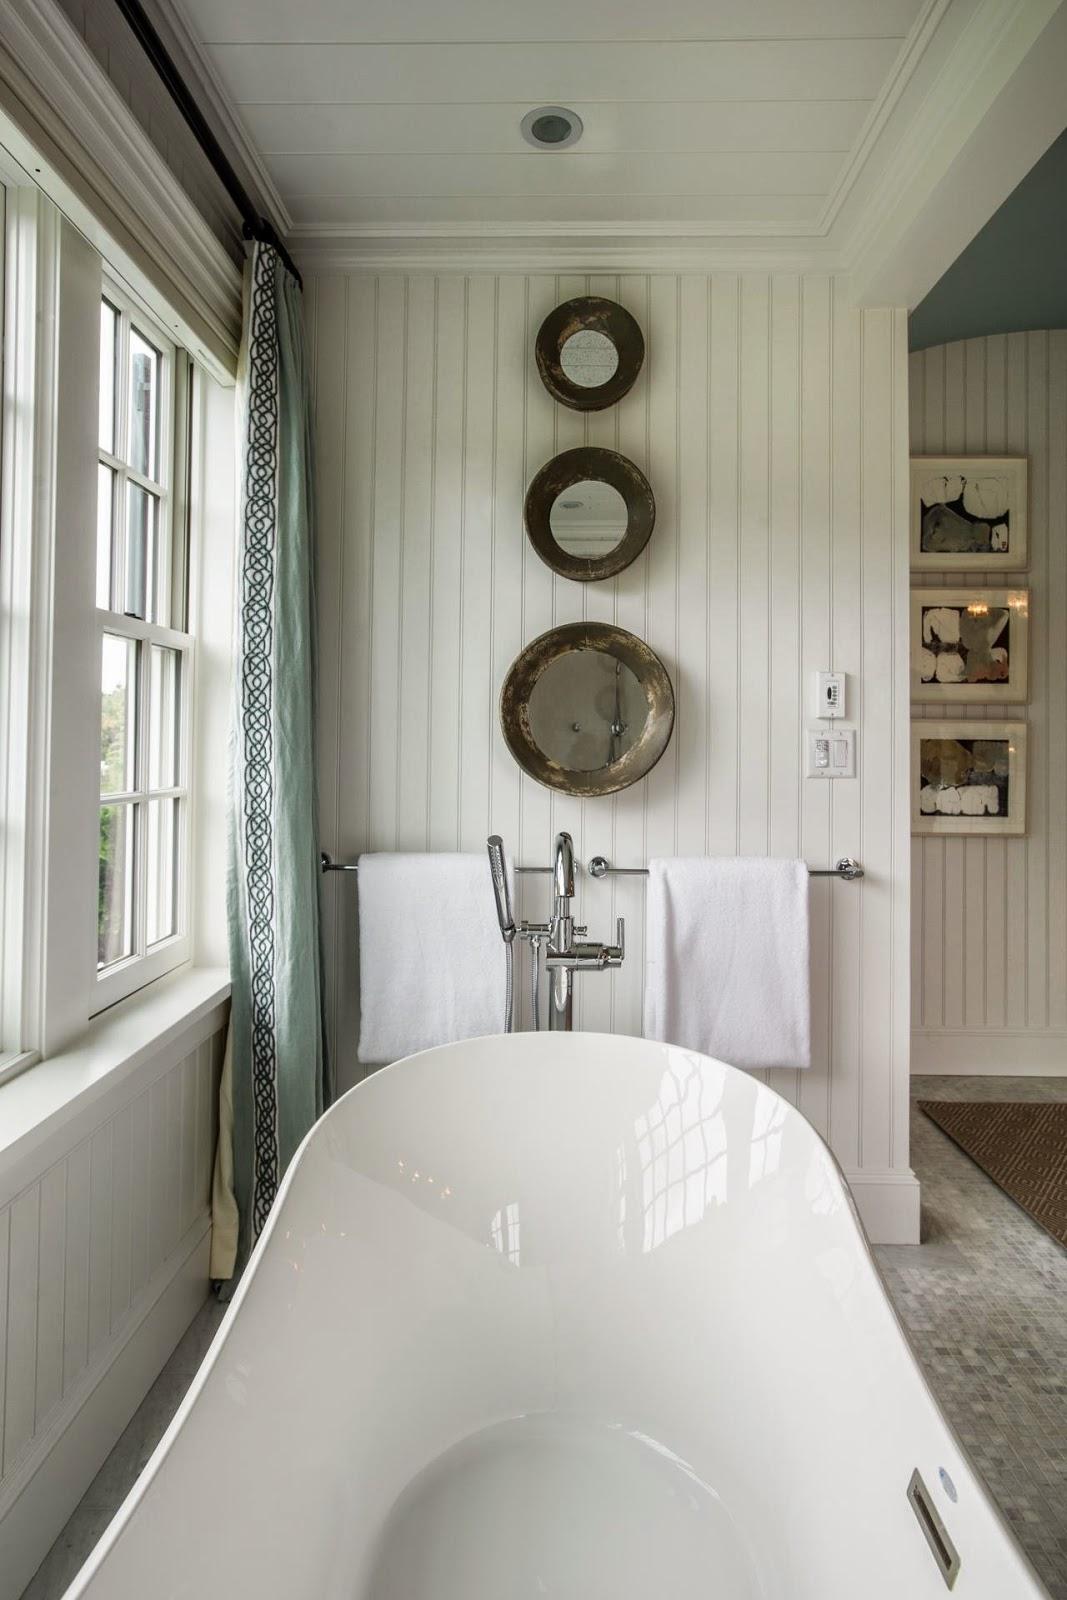 Adorei esses espelhos em frente à banheira! #5A513F 1067x1600 Banheiro Com Banheira Metragem